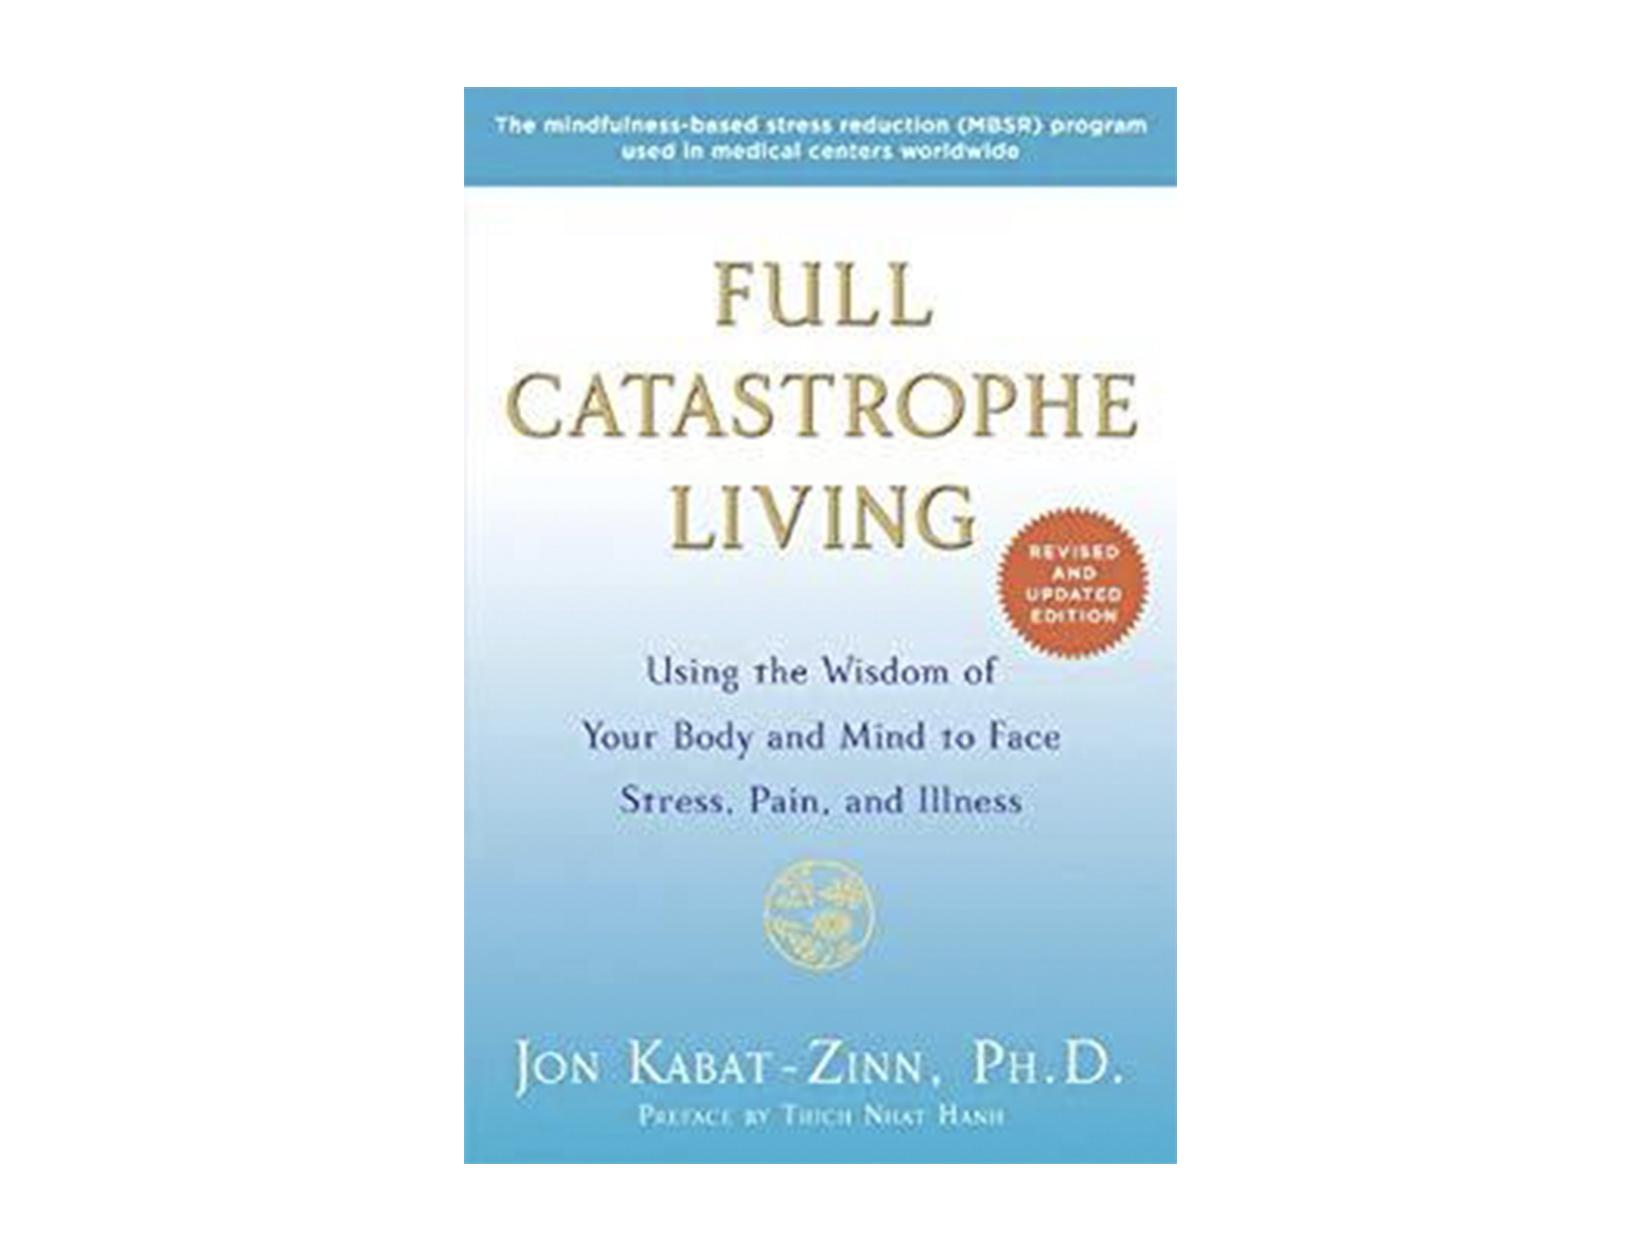 <em>Full Catastrophe Living</em> by Jon Kabat-Zinn, PhD